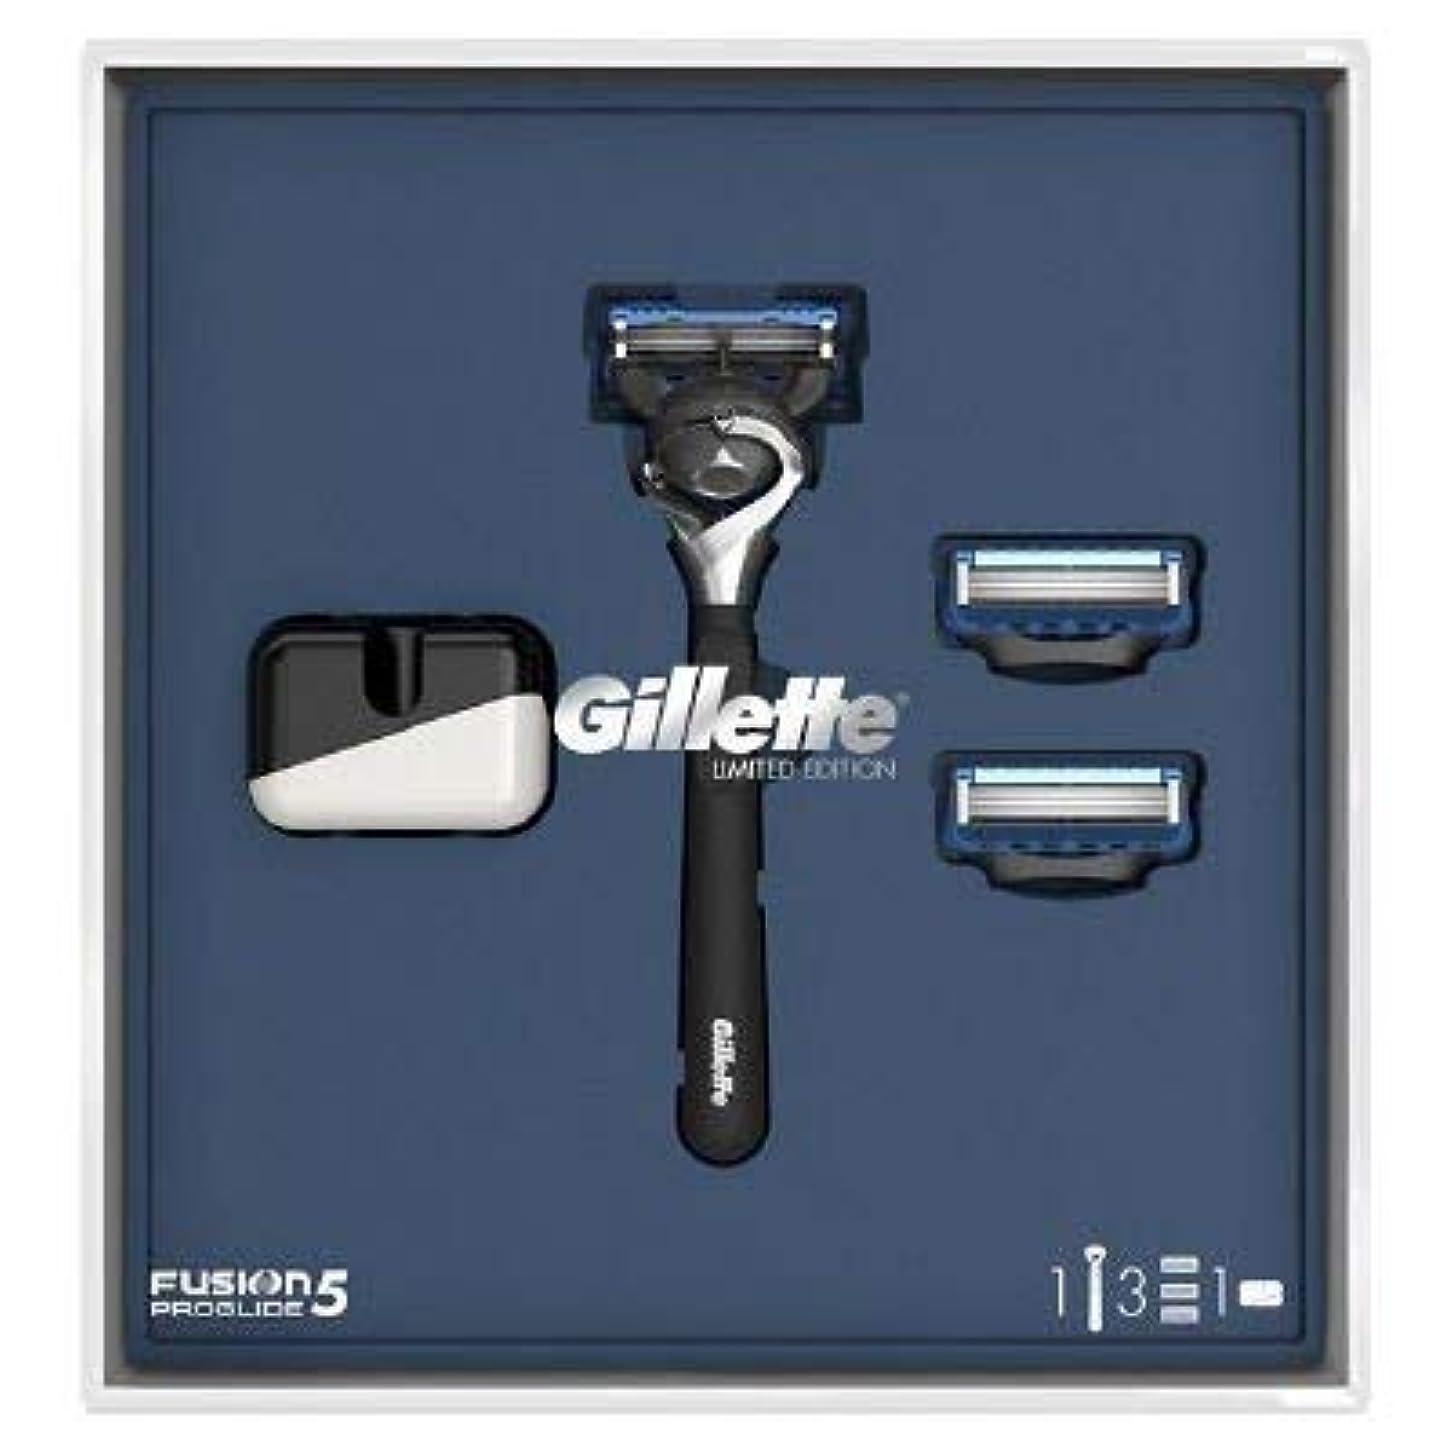 剃る深遠そこから(ジレット)Gilette プログライド 髭剃り本体+替刃3個 オリジナルスタンド付き スペシャルパッケージ P&G